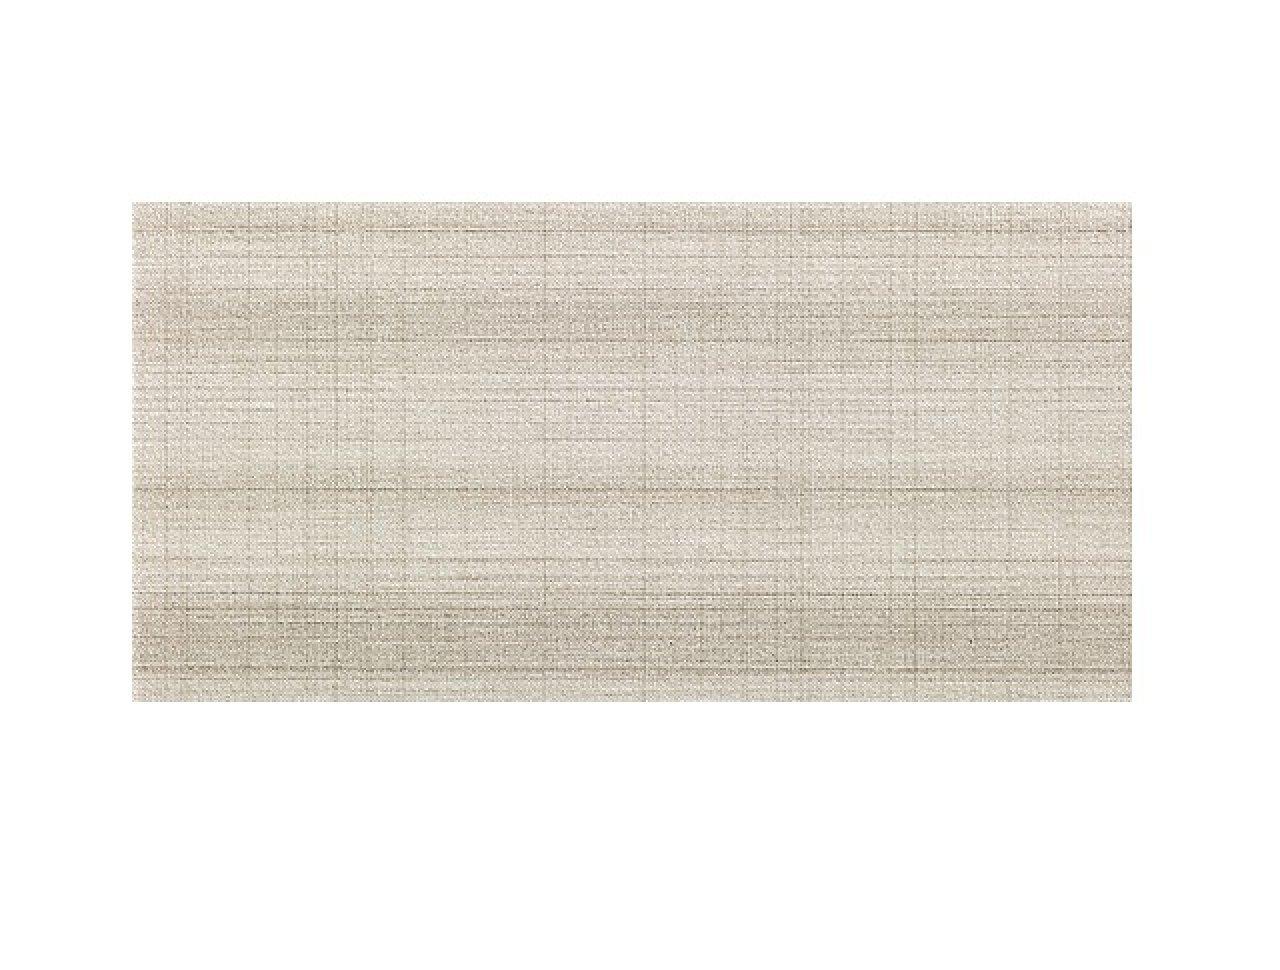 Настенная плитка Room Cord Check 40x80